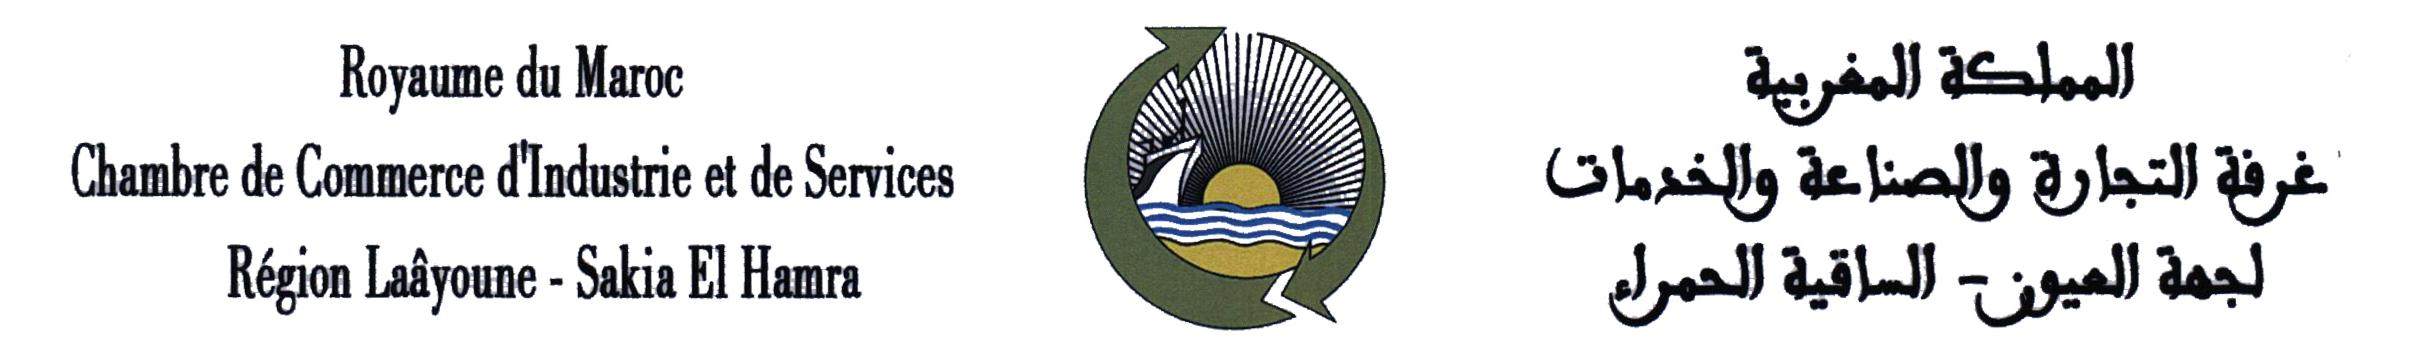 Chambre de Commerce,d'Industrie et de Services de la Région Lâayoune Sakia El Hamra